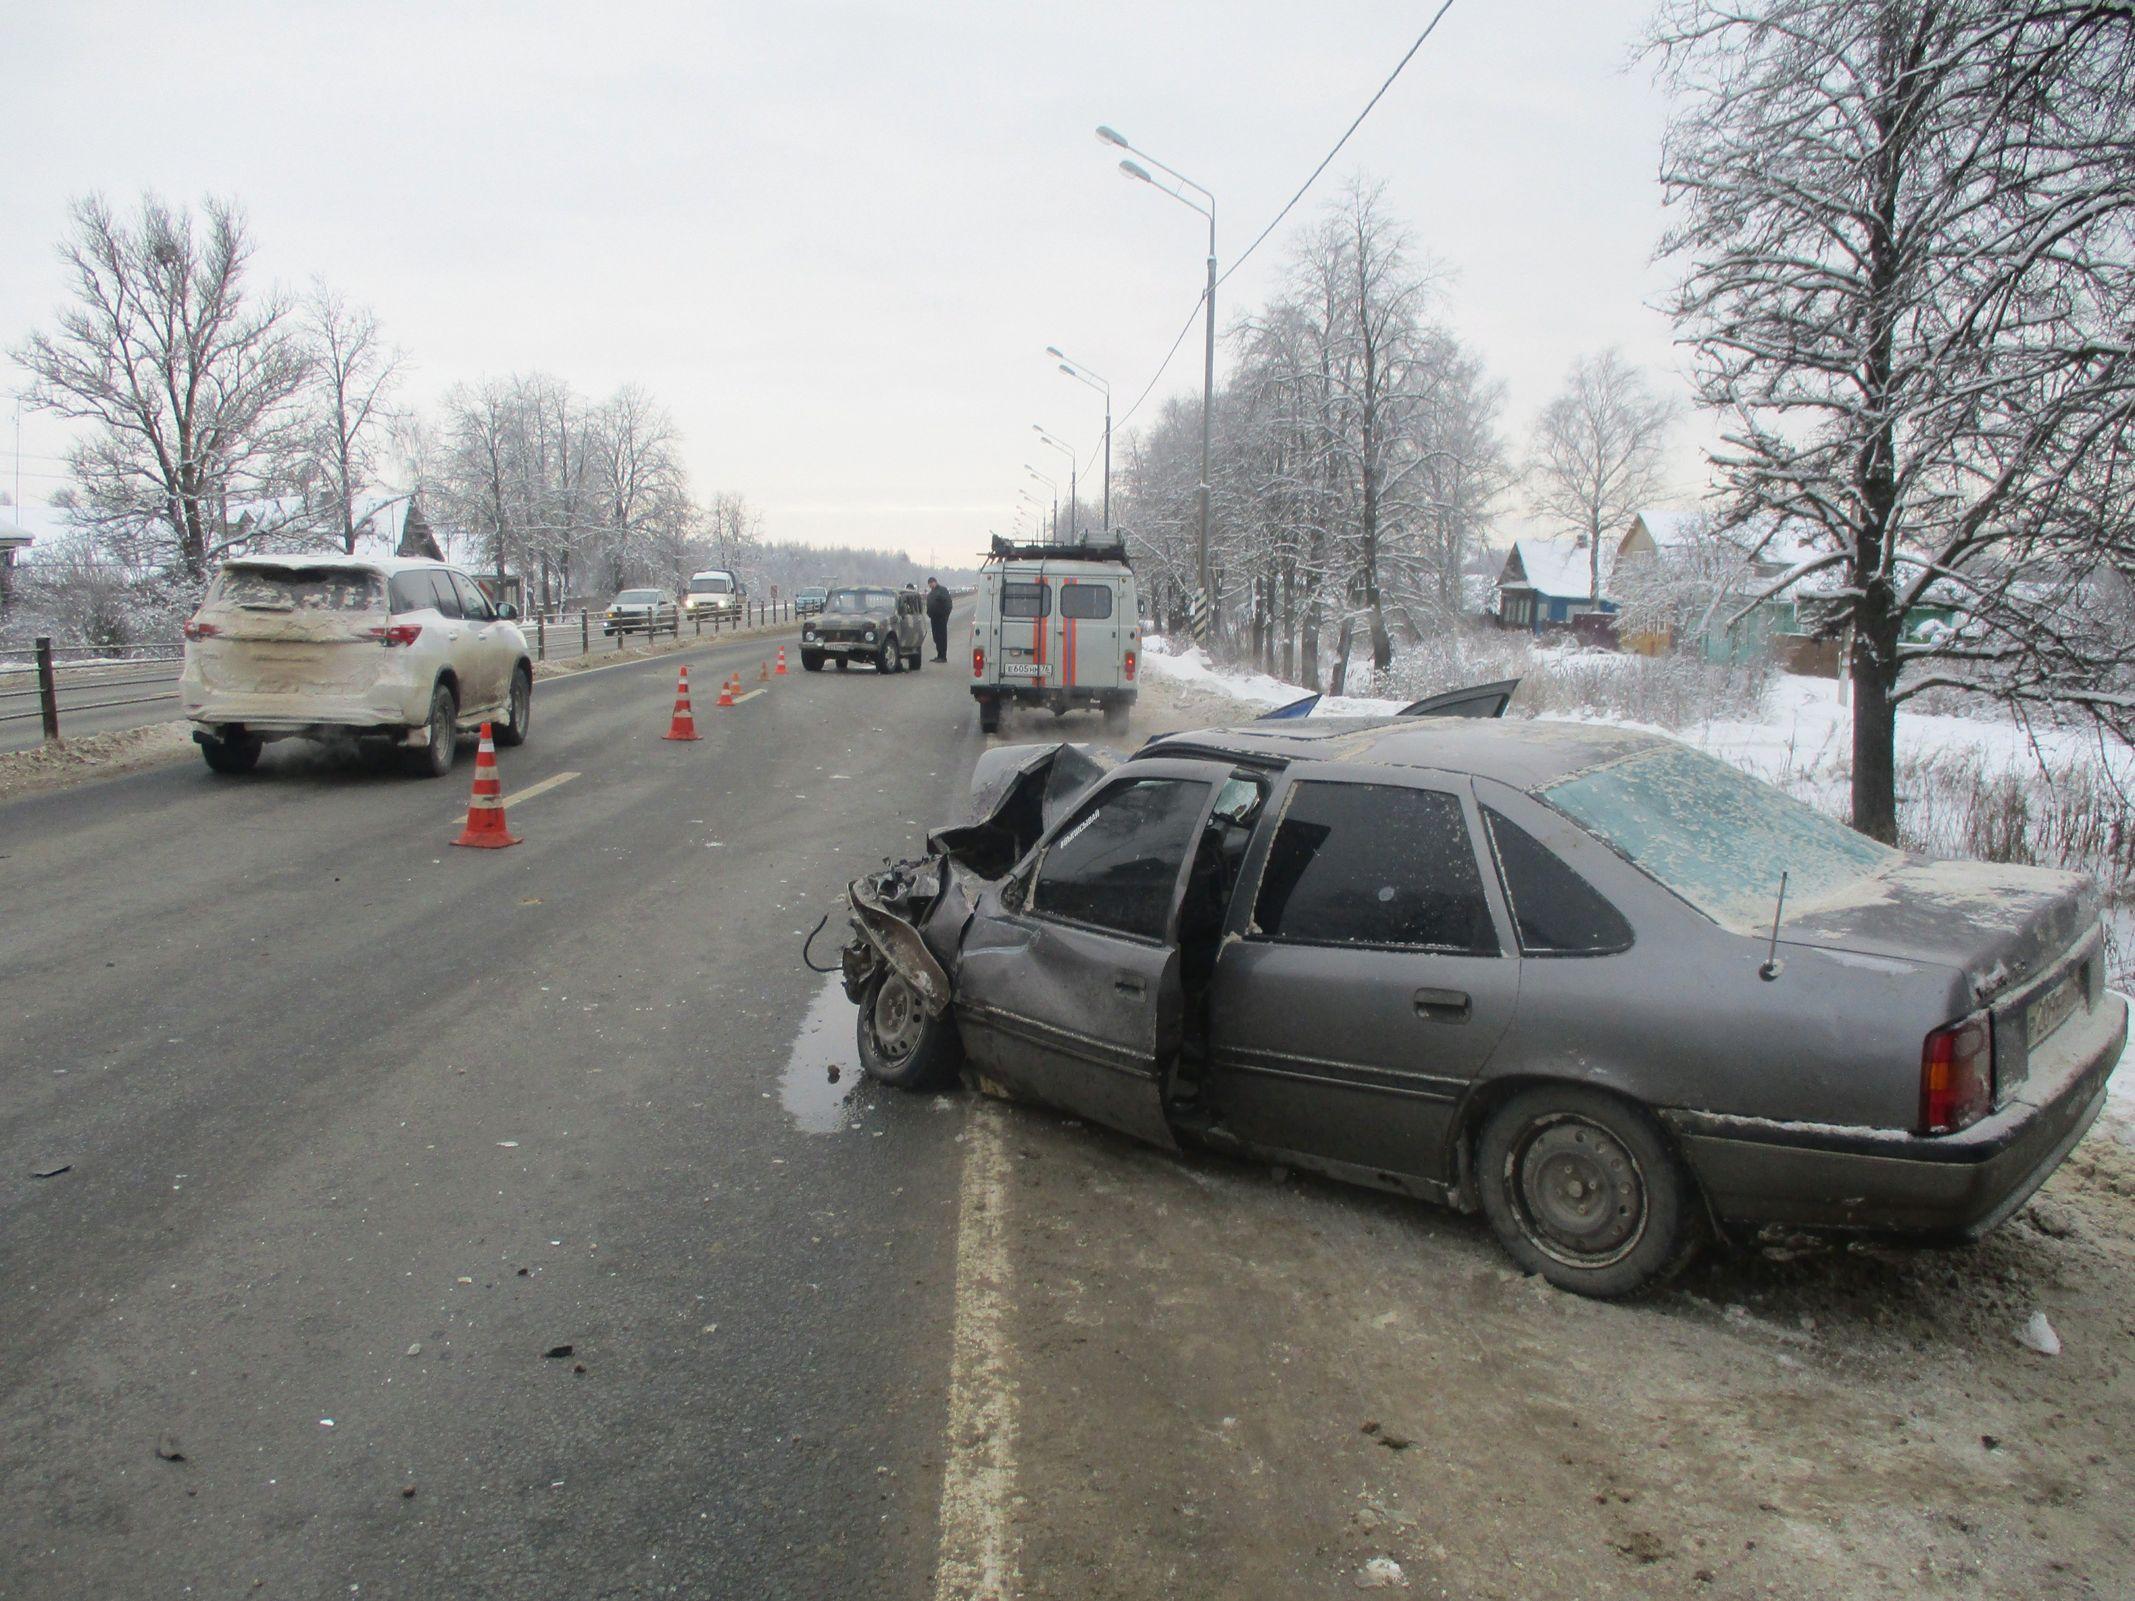 При столкновении легковушки с внедорожником на трассе в Ярославской области пострадали двое